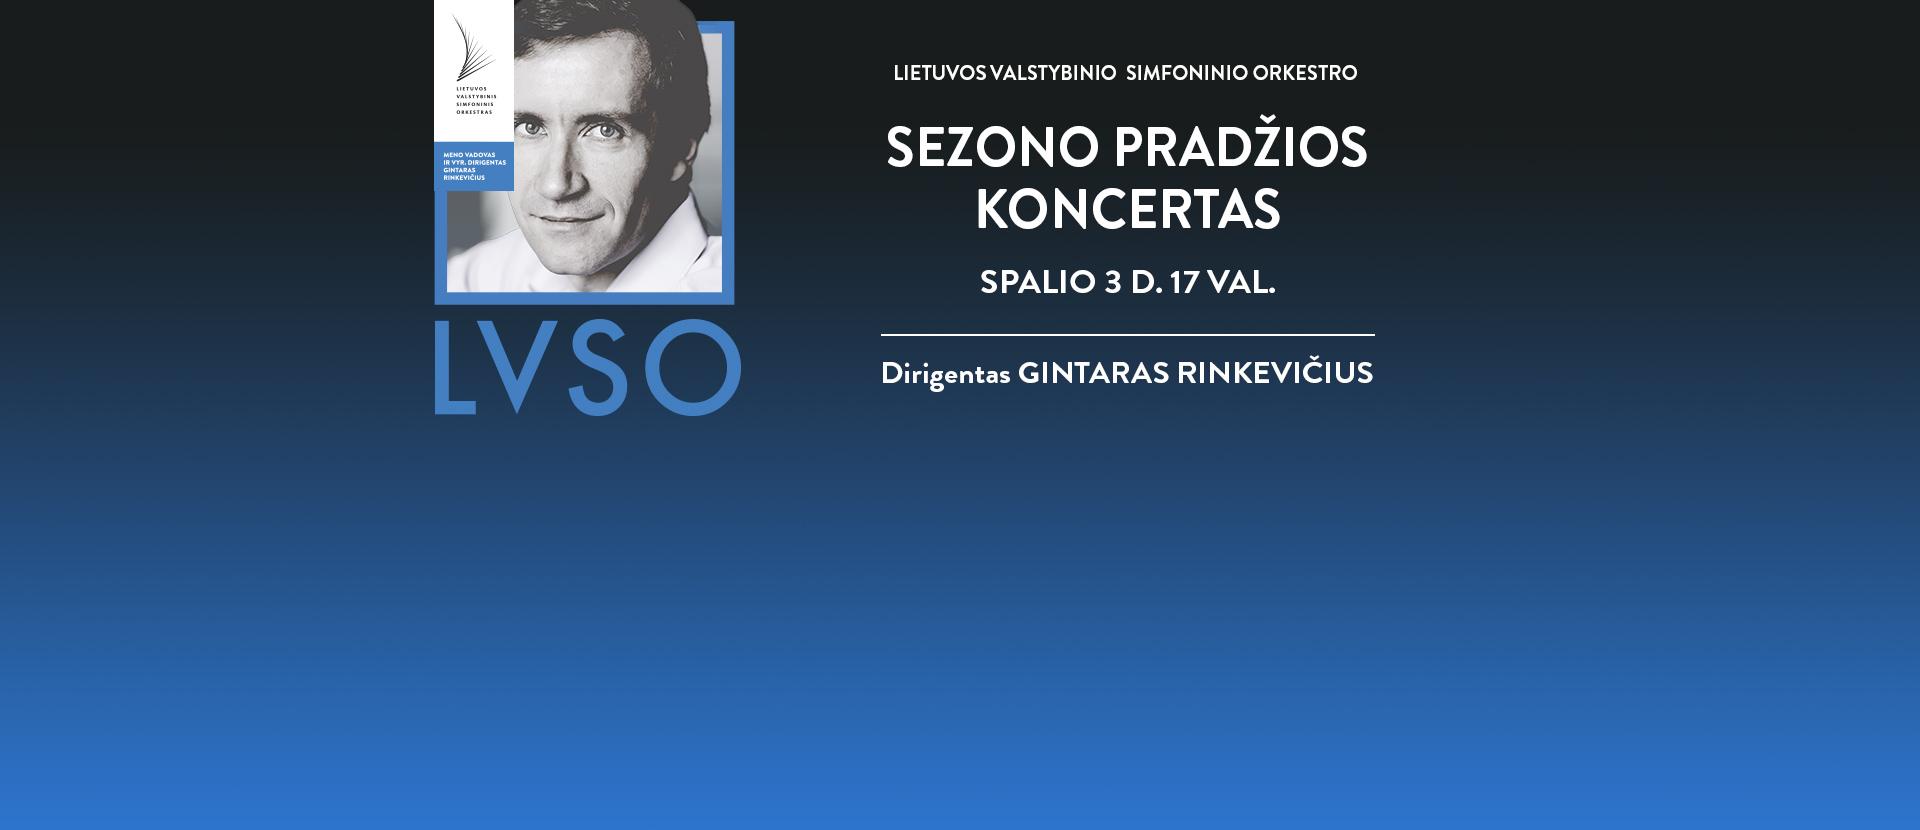 LVSO | SEZONO PRADŽIOS KONCERTAS (Įėjimas į renginius tik su Galimybių pasu)